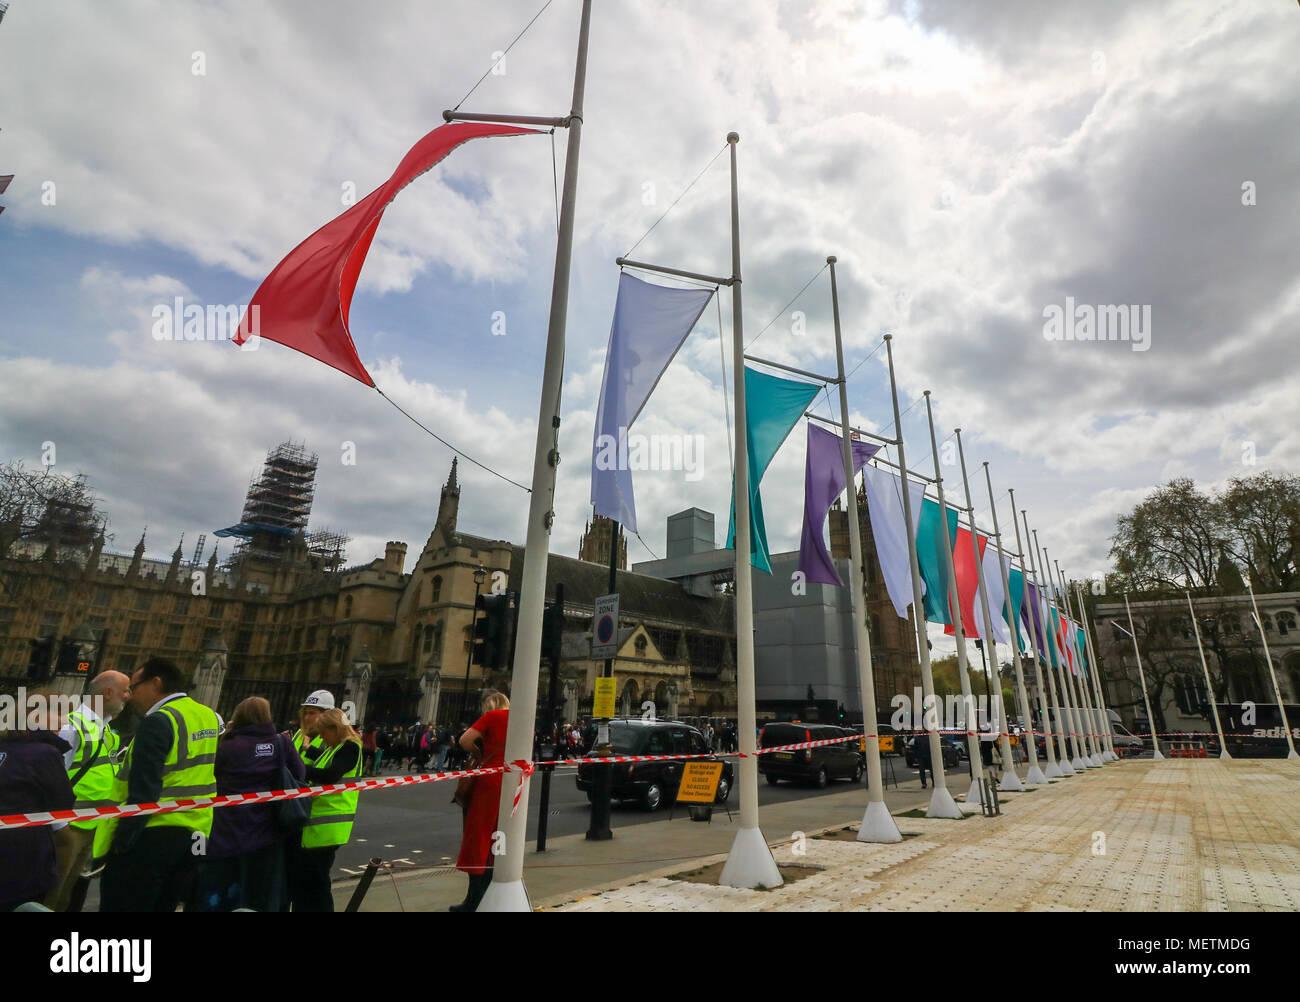 London UK. 23 avril 2018. Drapeaux de couleur représentant le mouvement Sufragette accrocher à la place du Parlement en l'honneur de Millicent Fawcett ,une féministe britannique, politique et dirigeant syndical, qui a fait campagne pour que les femmes aient le droit de vote. En 1908, Emmeline Pethick-Lawrence, conçu les suffragettes' de couleurs de pourpre pour la loyauté et la dignité, blanc pour la pureté, et le vert pour l'espoir Crédit: amer ghazzal/Alamy Live News Banque D'Images